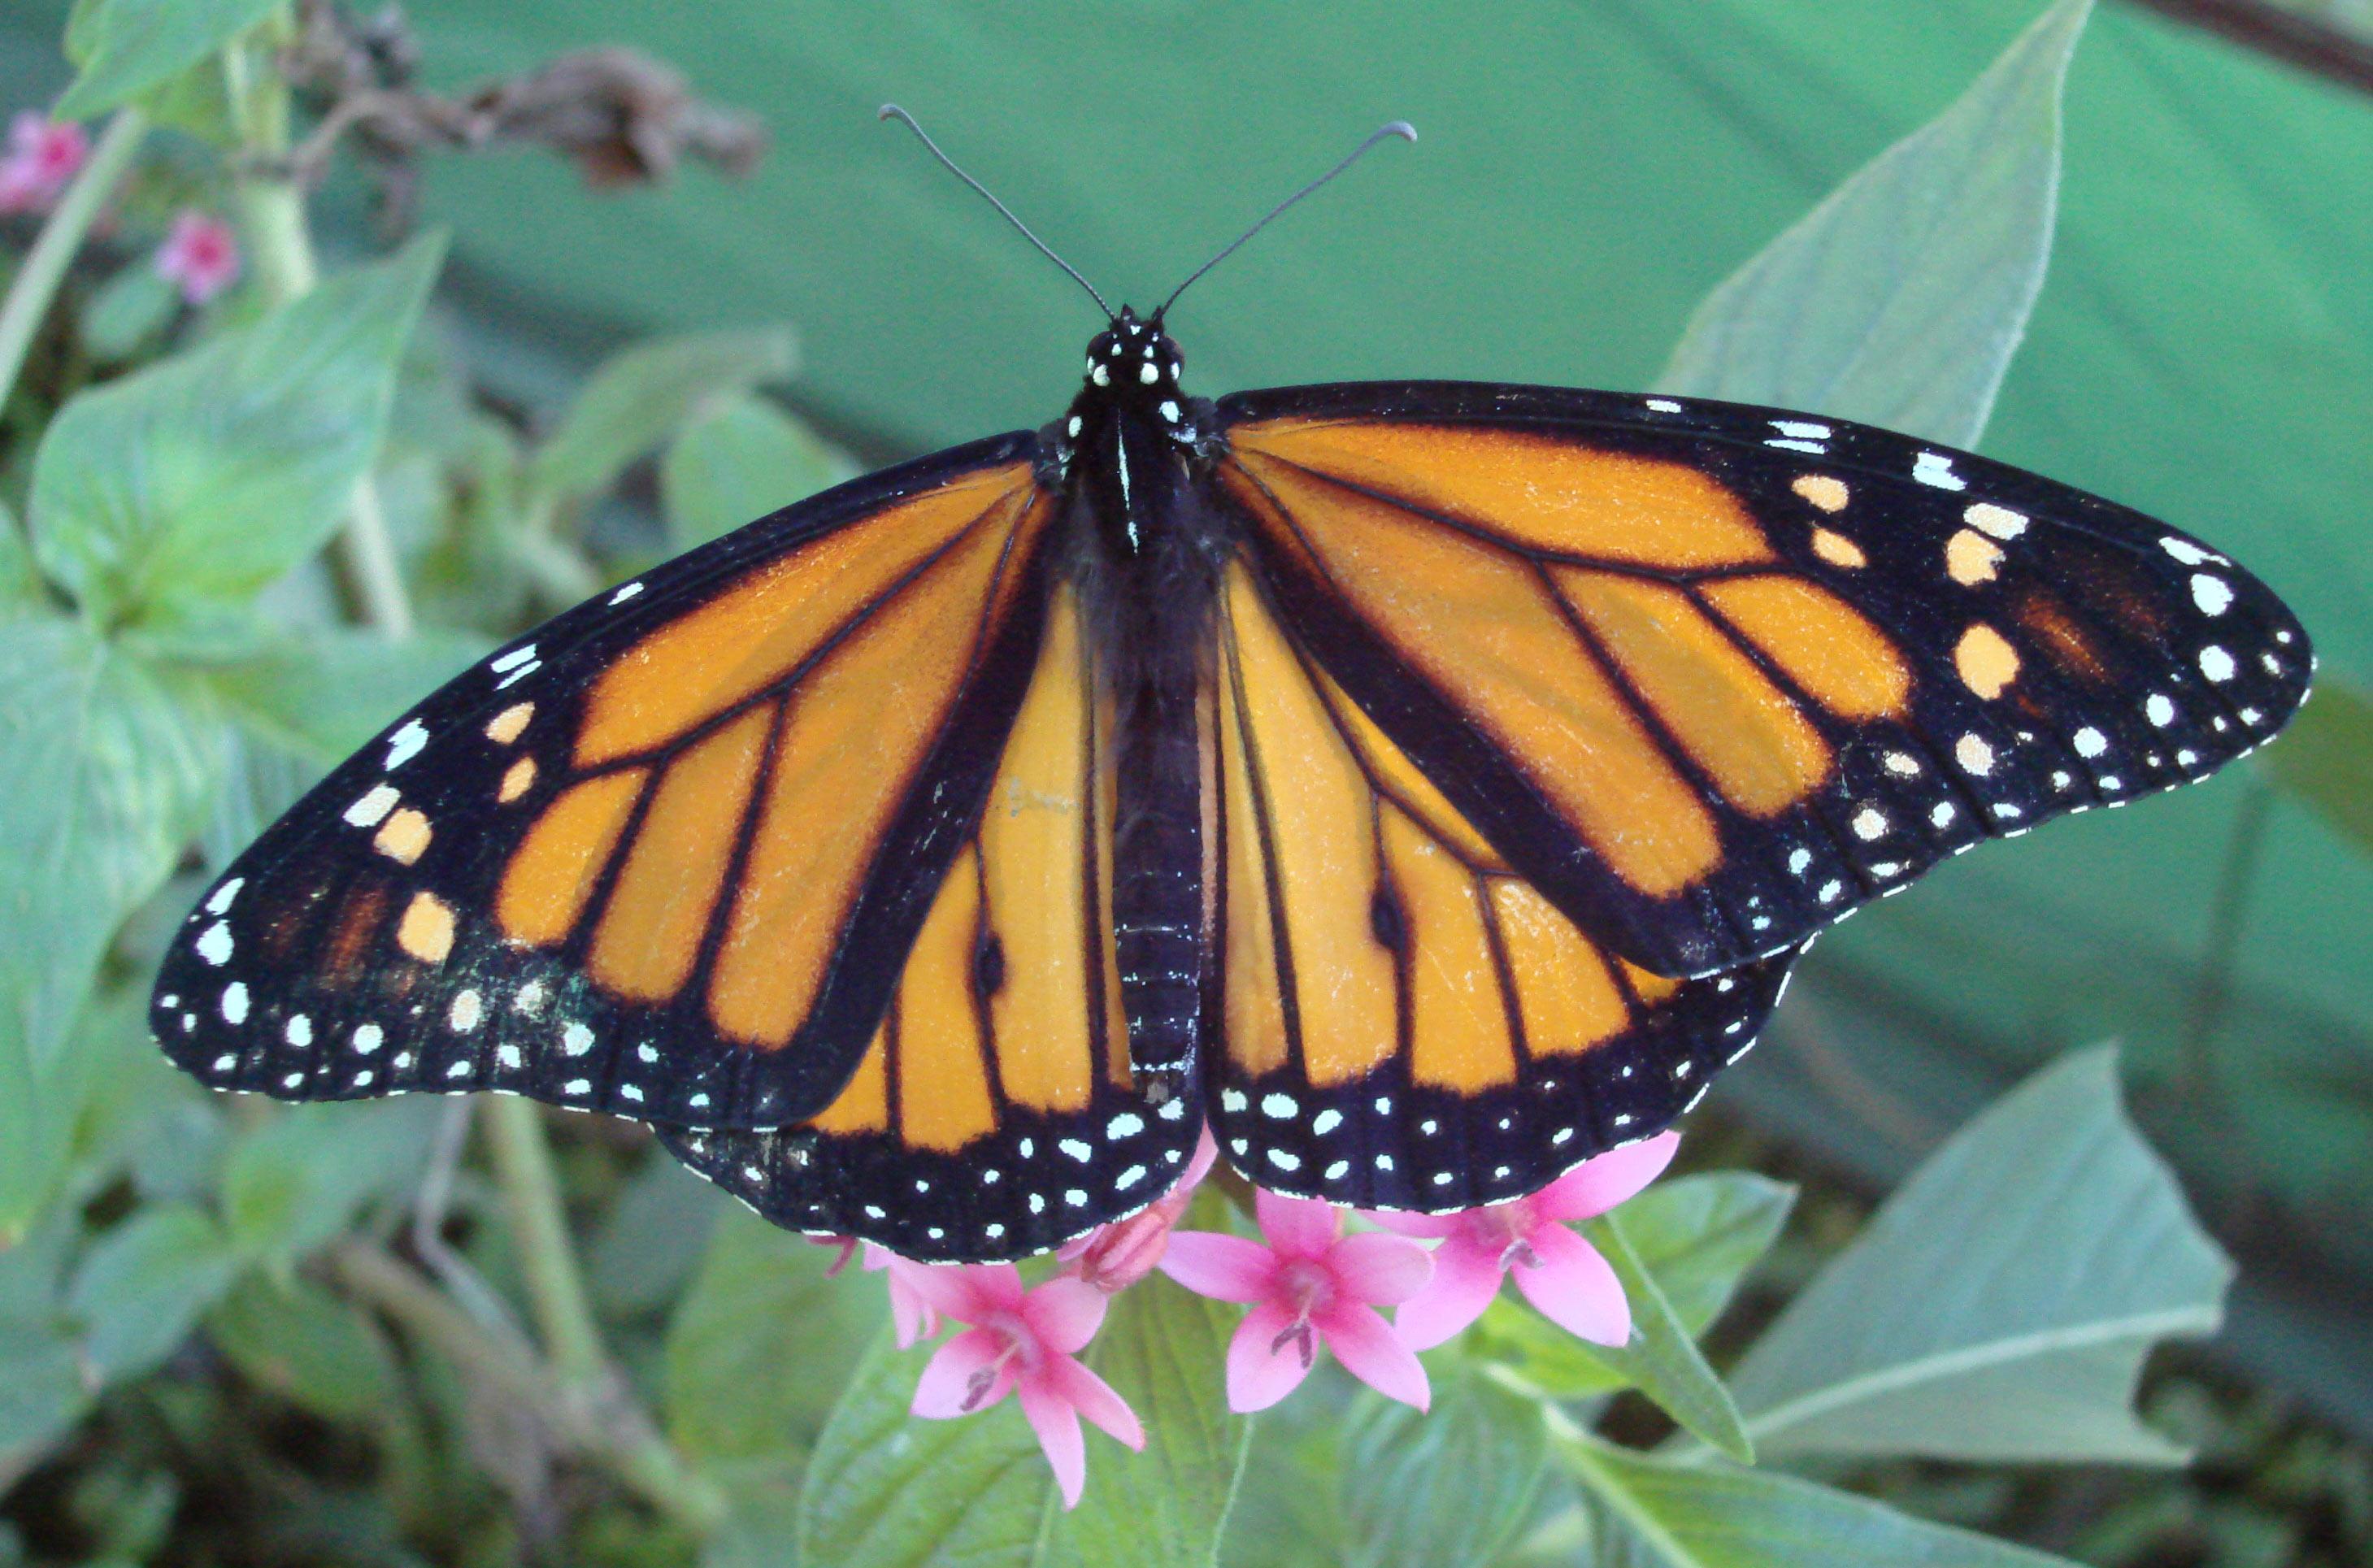 Monarch butterfly wings - photo#17